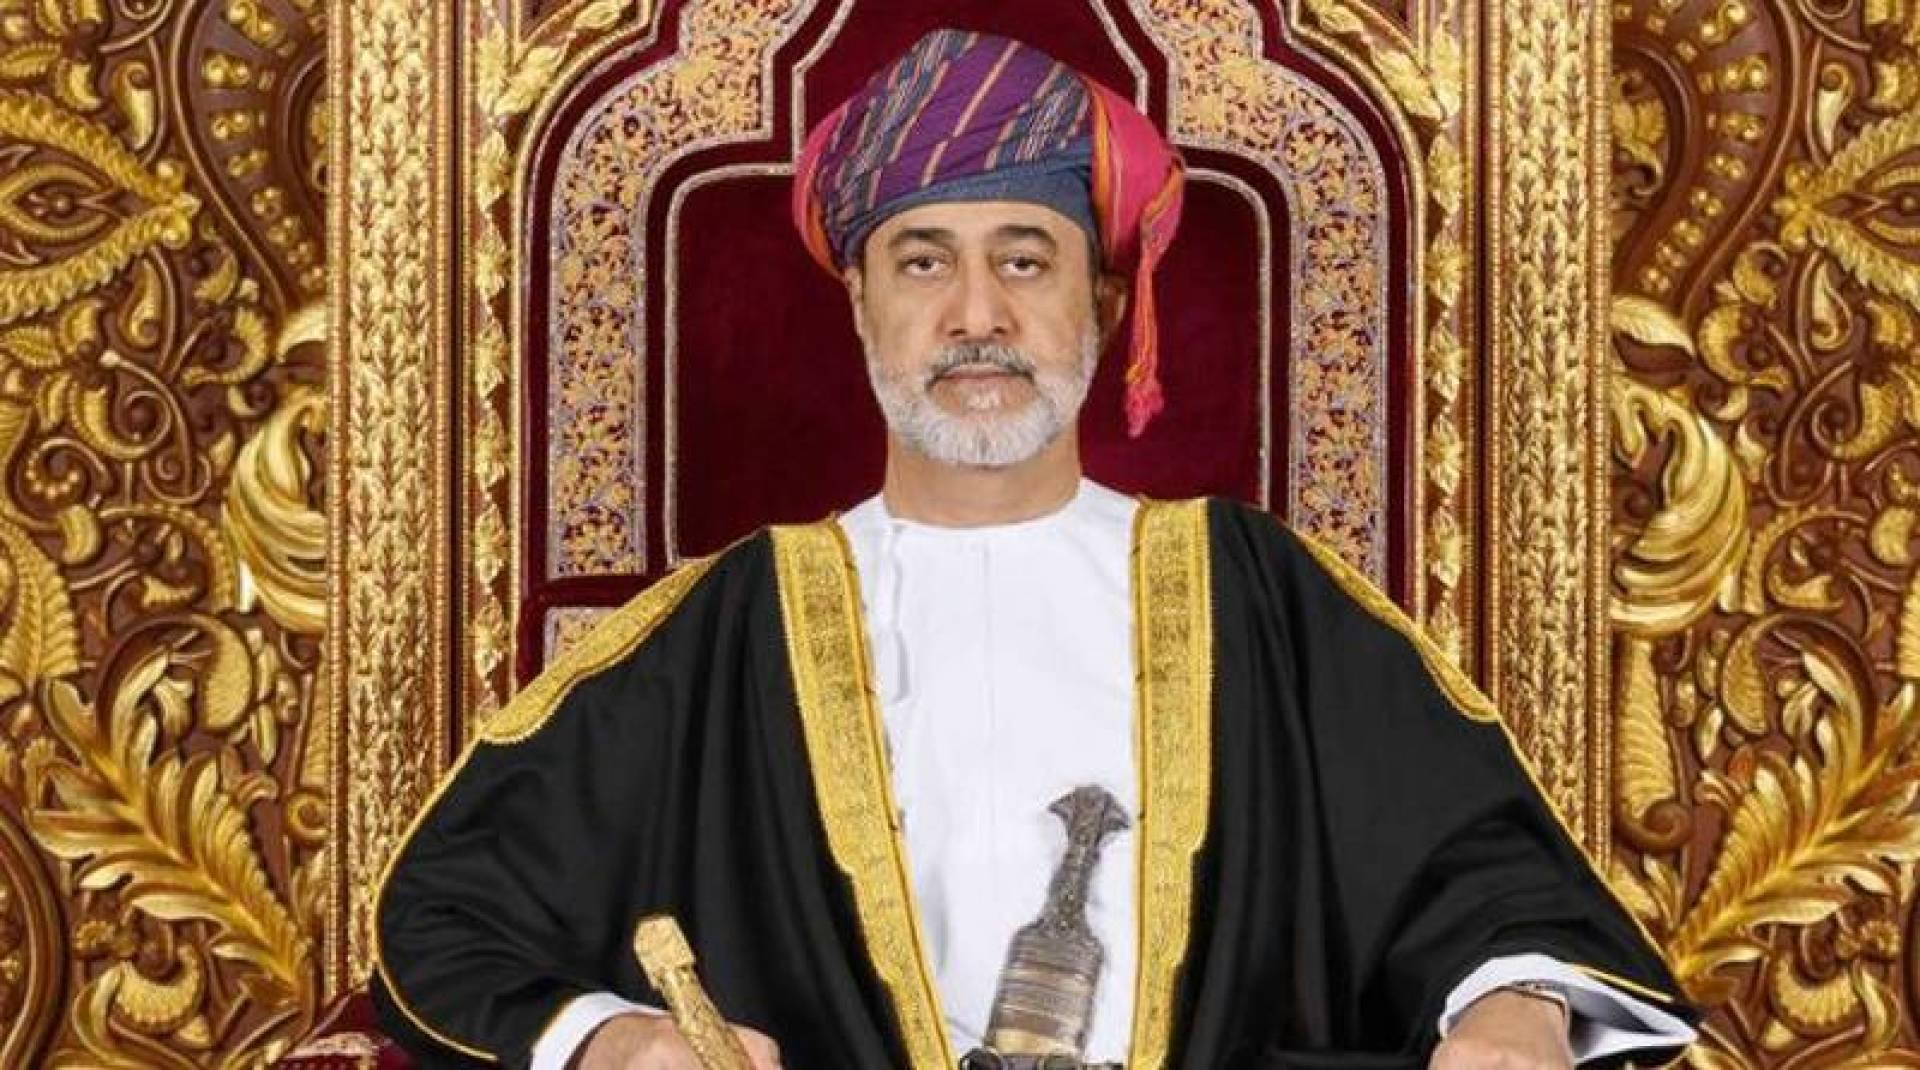 سلطنة عمان: إصدار نظام أساسي جديد يضع آلية لانتقال ولاية الحكم